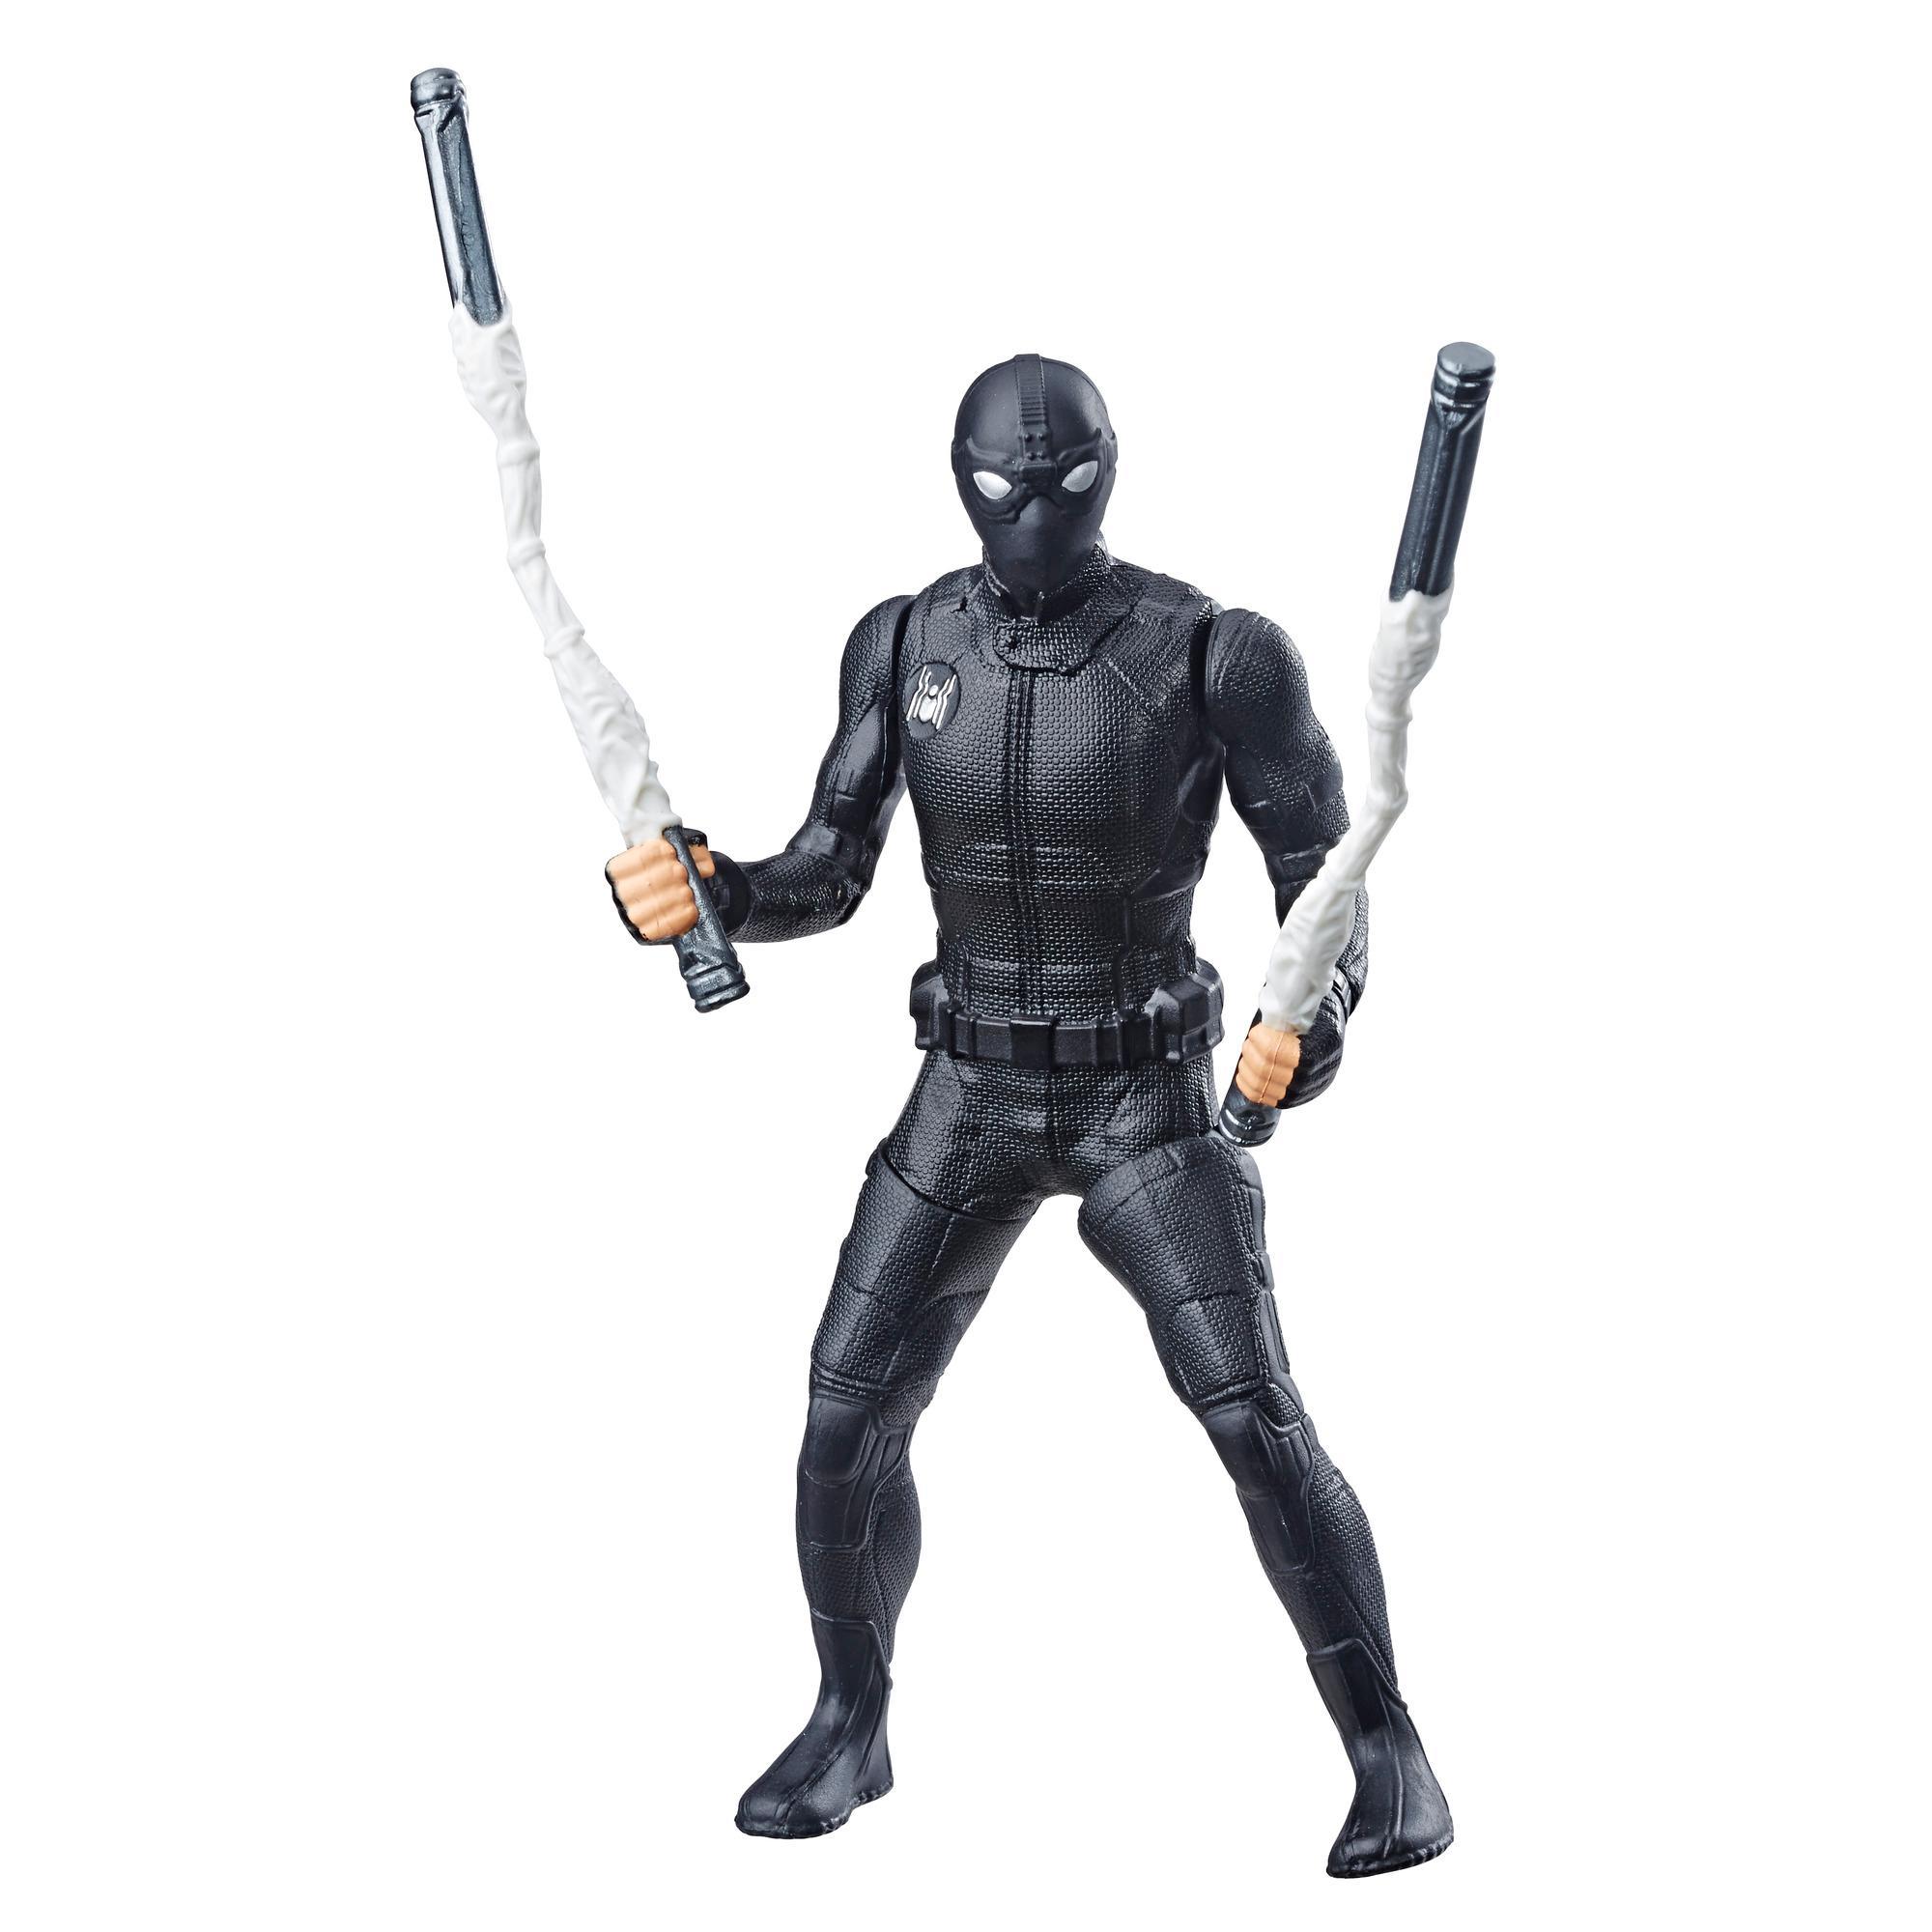 Фигурка Человек-паук 15 см делюкс Человек паук Веб-страйк SPIDER-MAN E4117